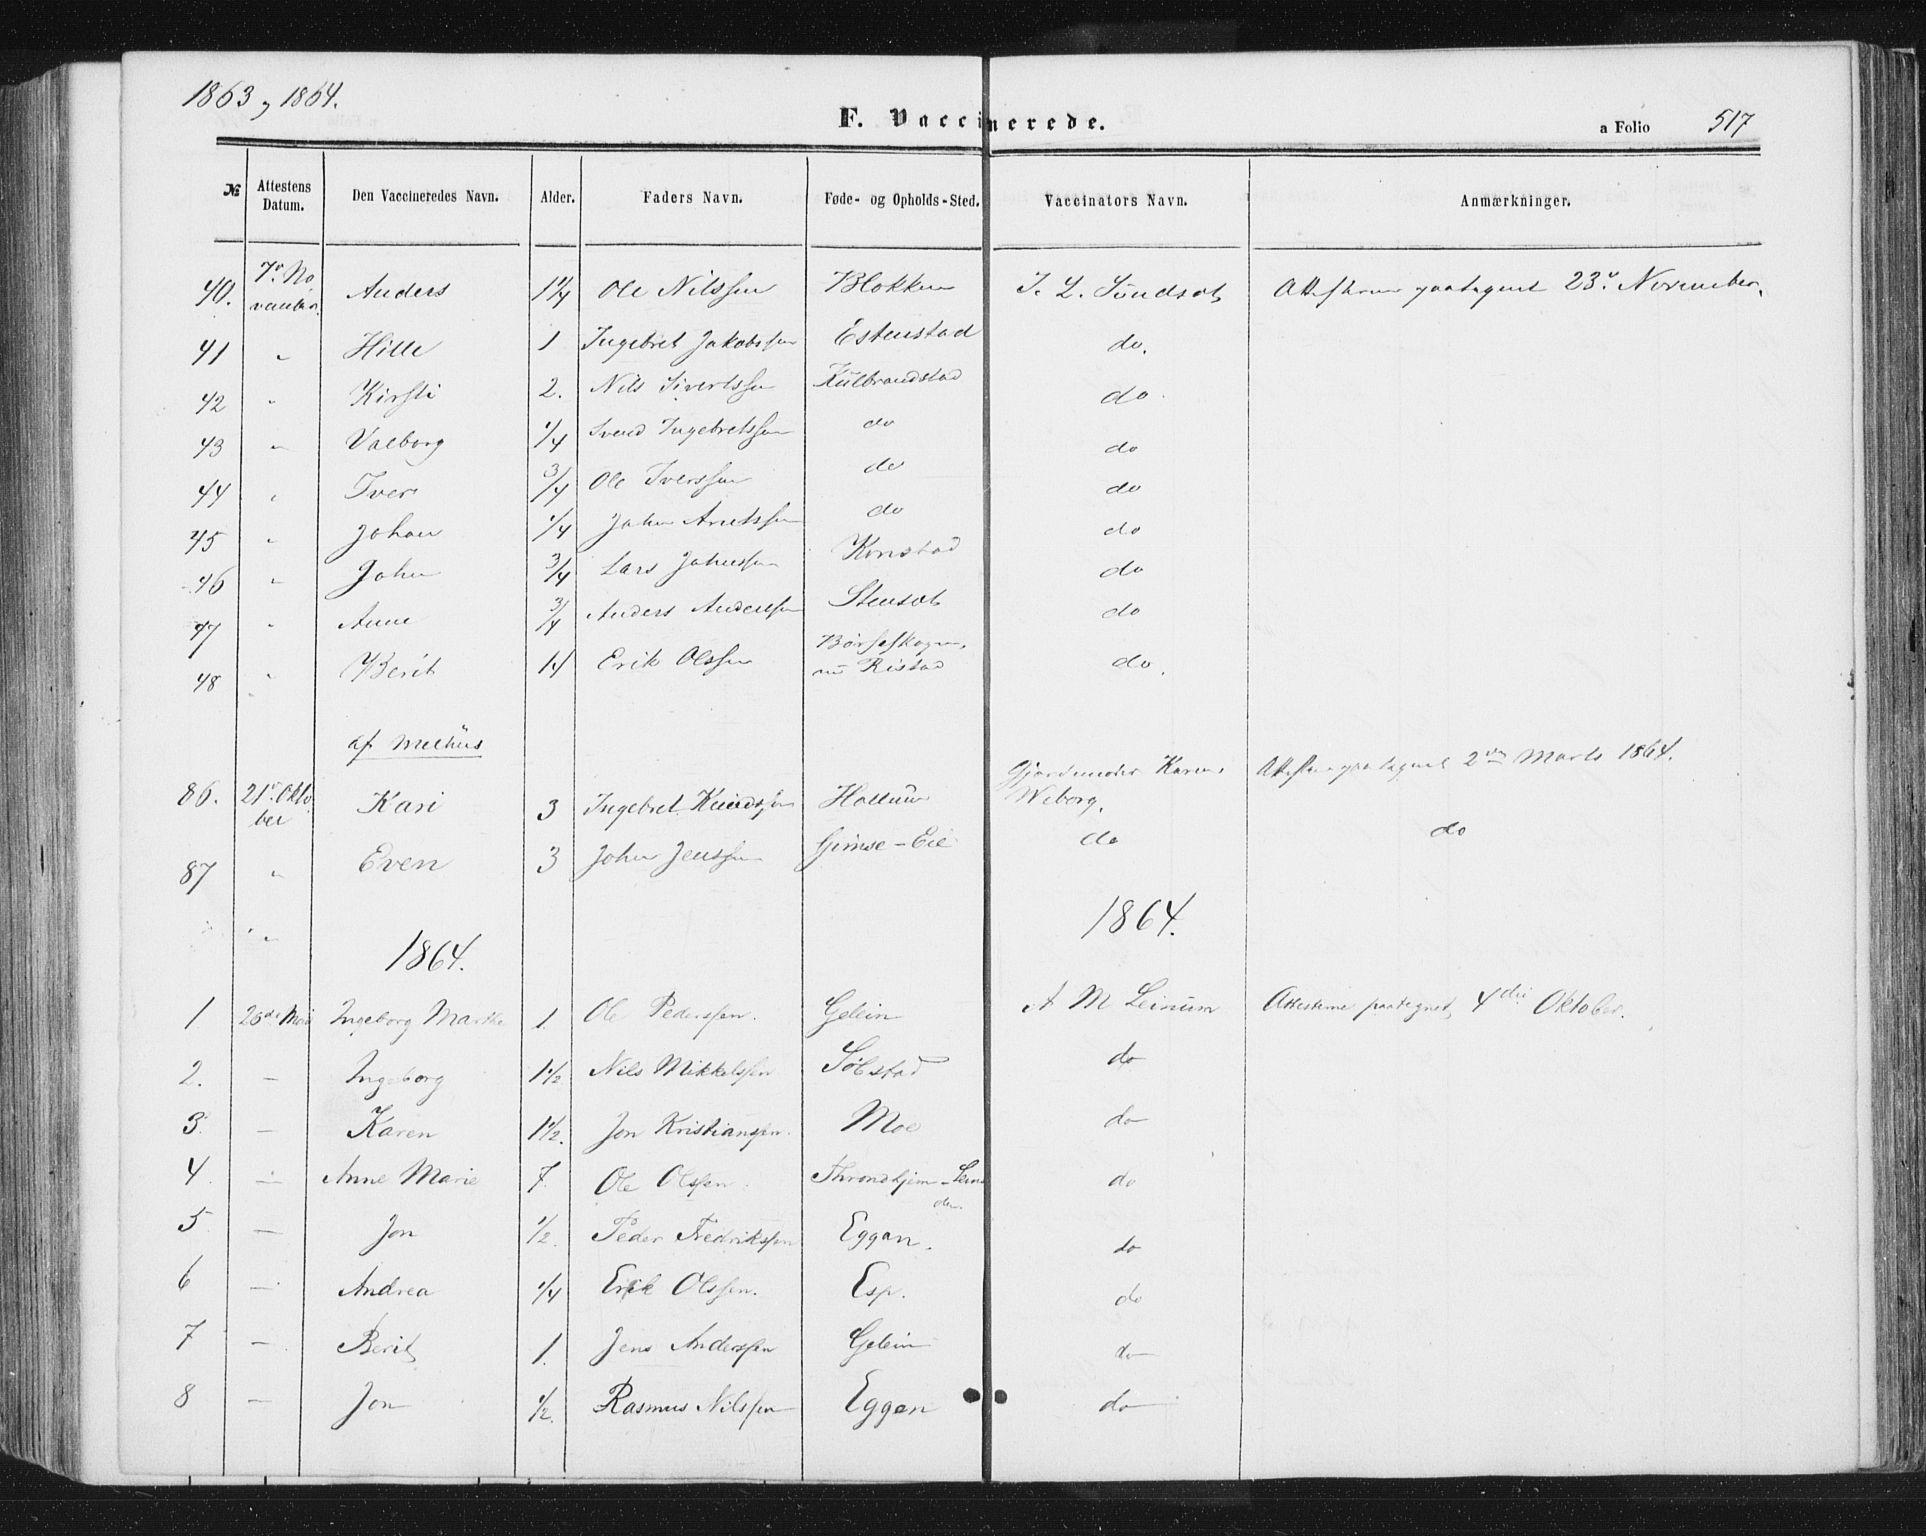 SAT, Ministerialprotokoller, klokkerbøker og fødselsregistre - Sør-Trøndelag, 691/L1077: Ministerialbok nr. 691A09, 1862-1873, s. 517